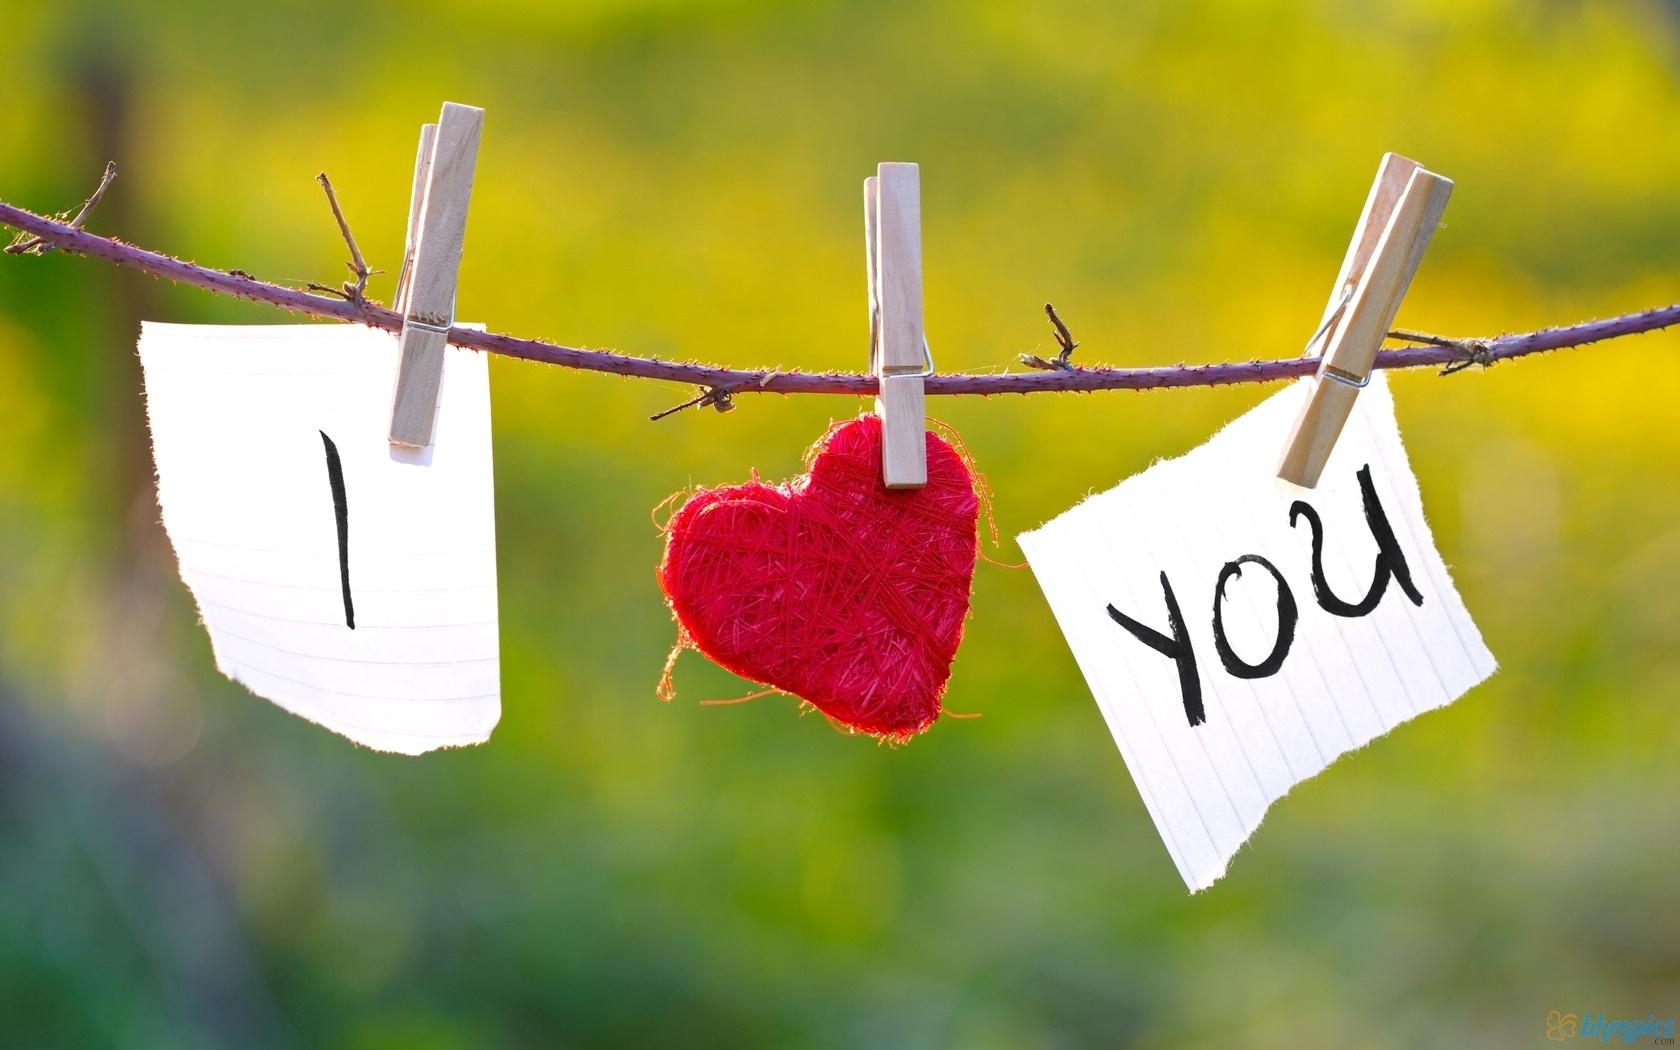 بالصور كلام في الحب الحقيقي c98b872b97b87043dc756496dc846f5f